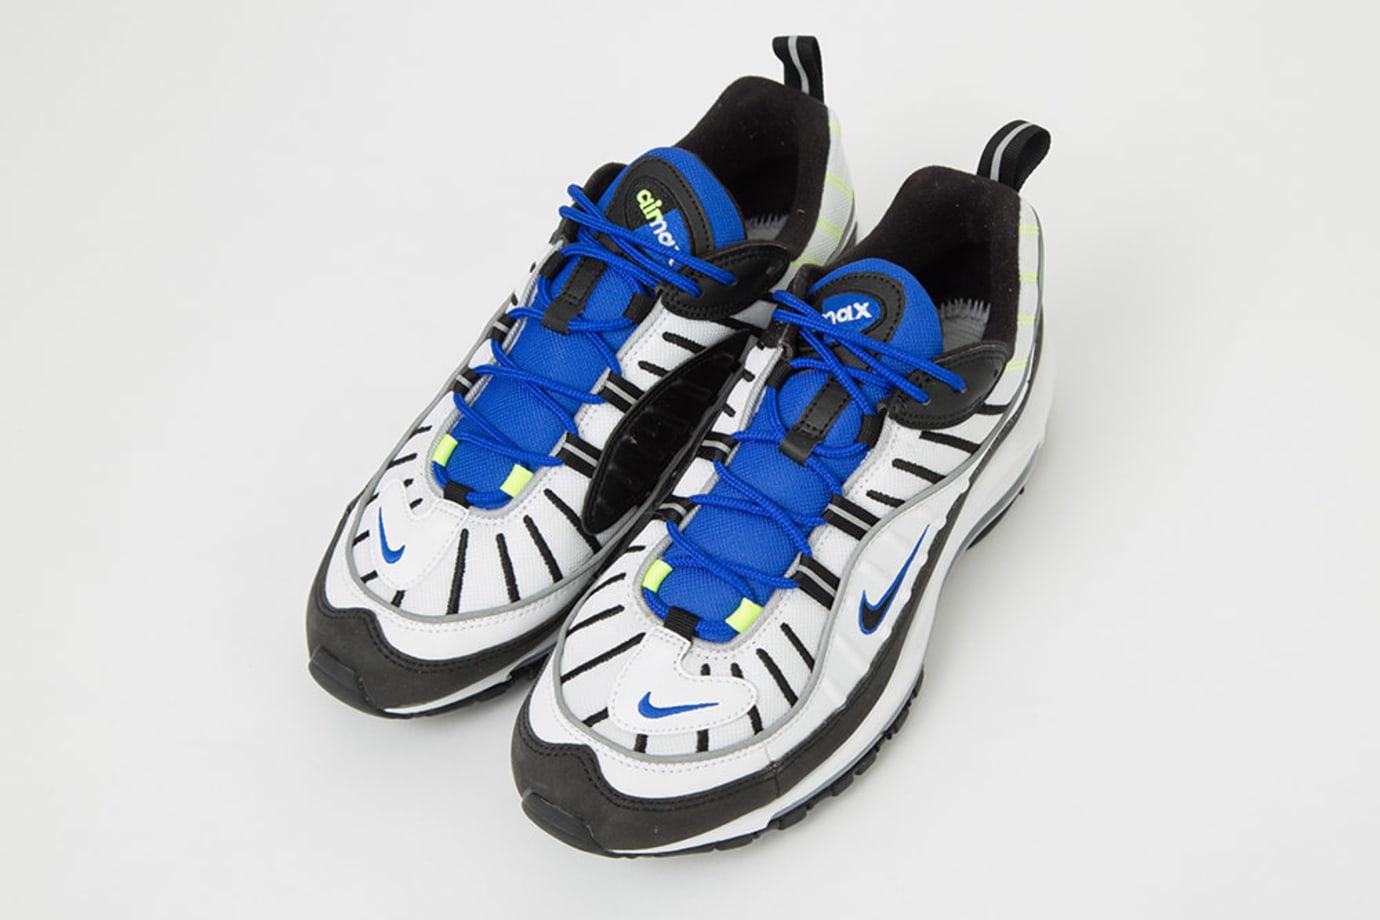 Nike Air Max 98 'White/Black/Racer Blue/Volt' 640744-103 (Pair)